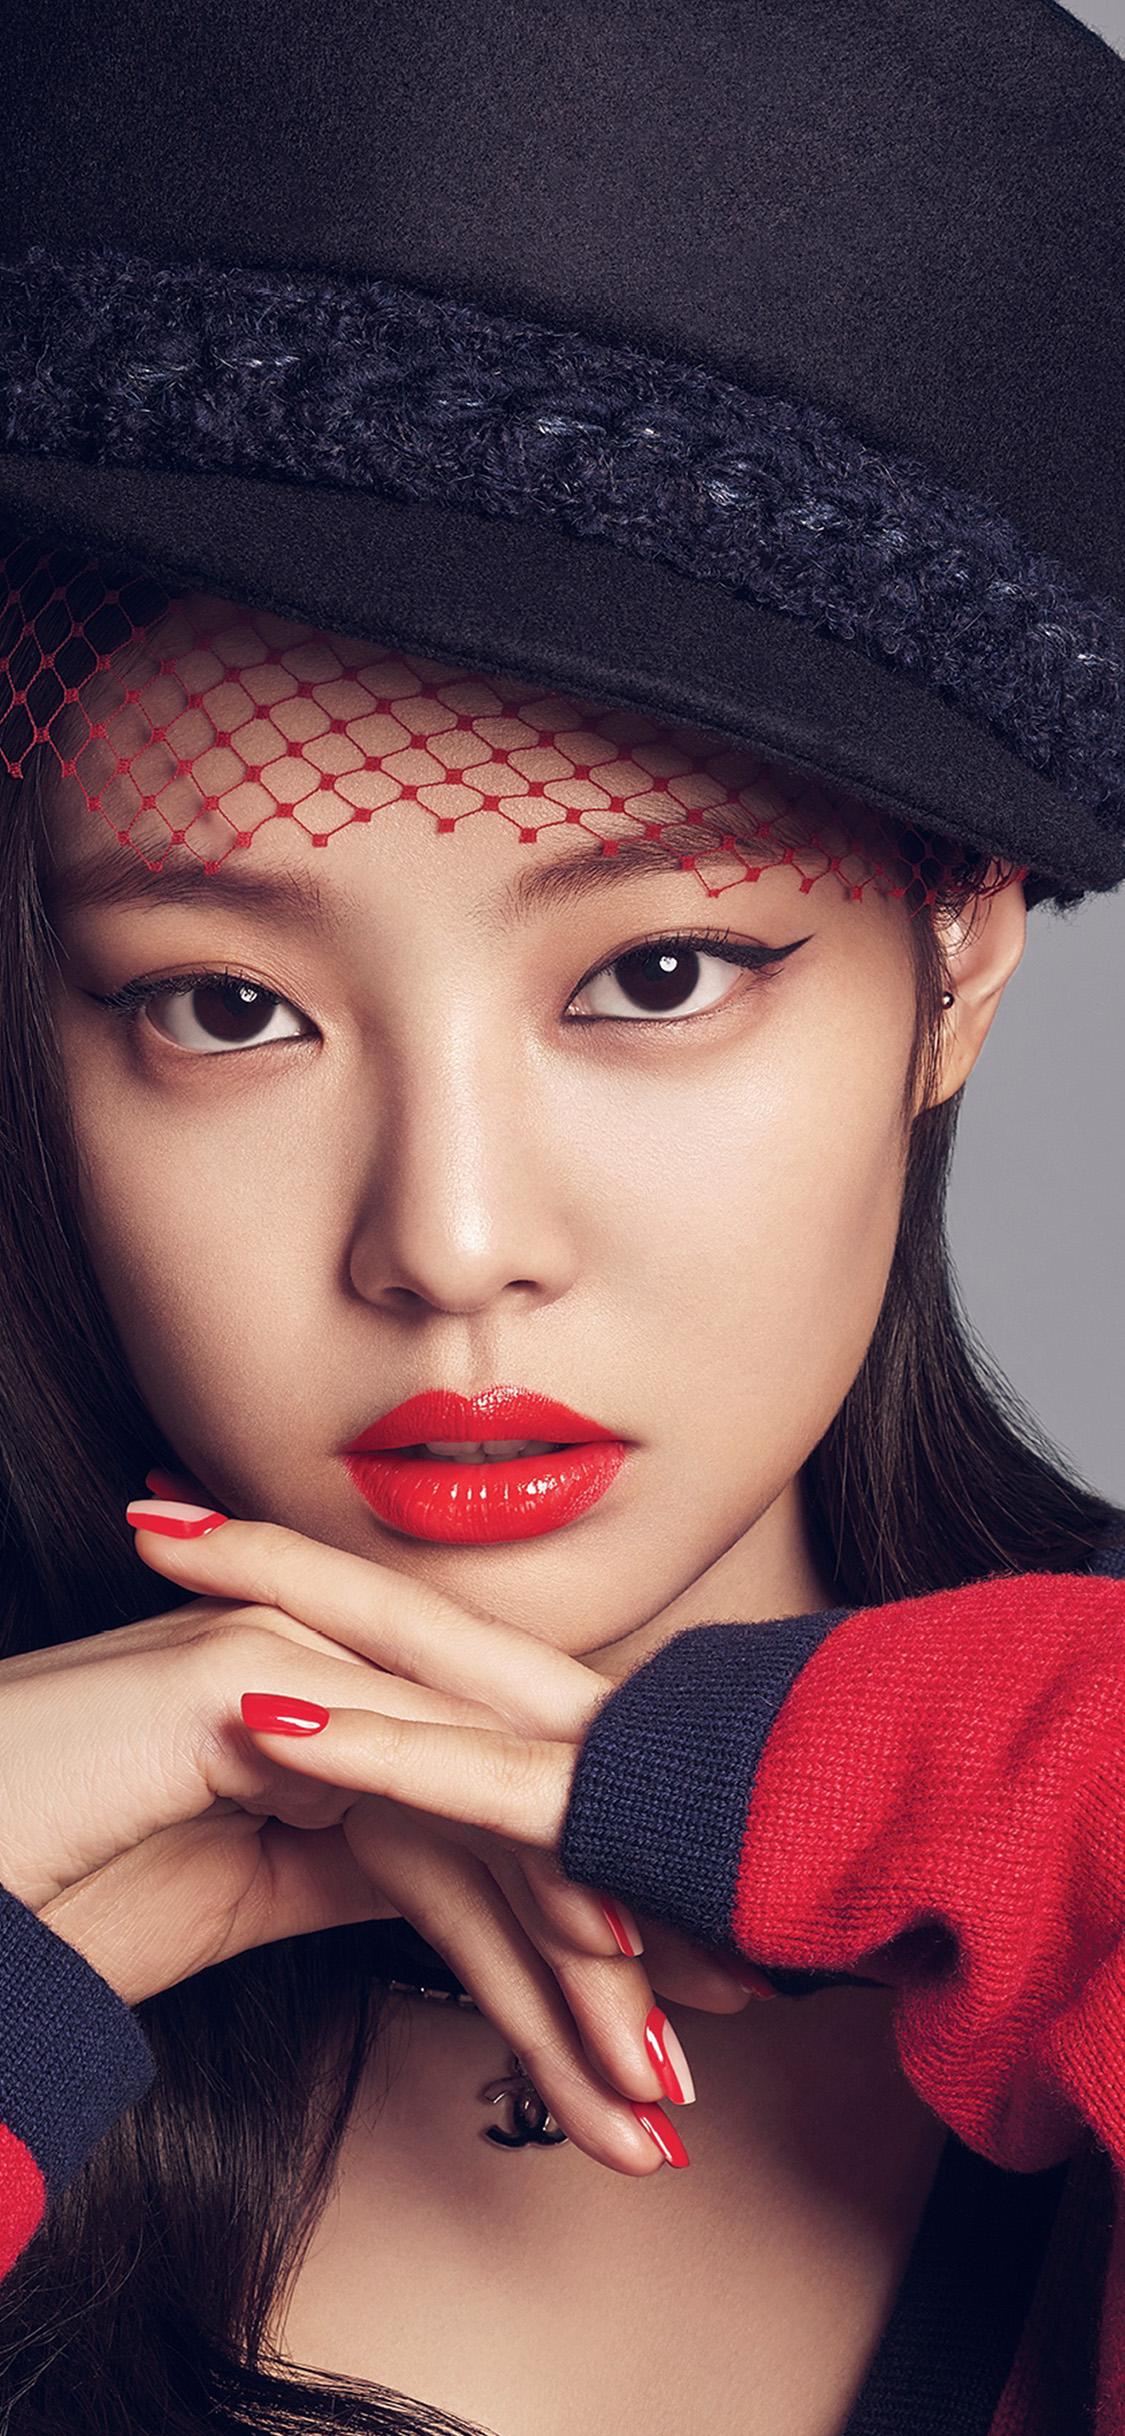 Bts Iphone Wallpaper Hp37 Blackpink Girl Kpop Jennie Wallpaper